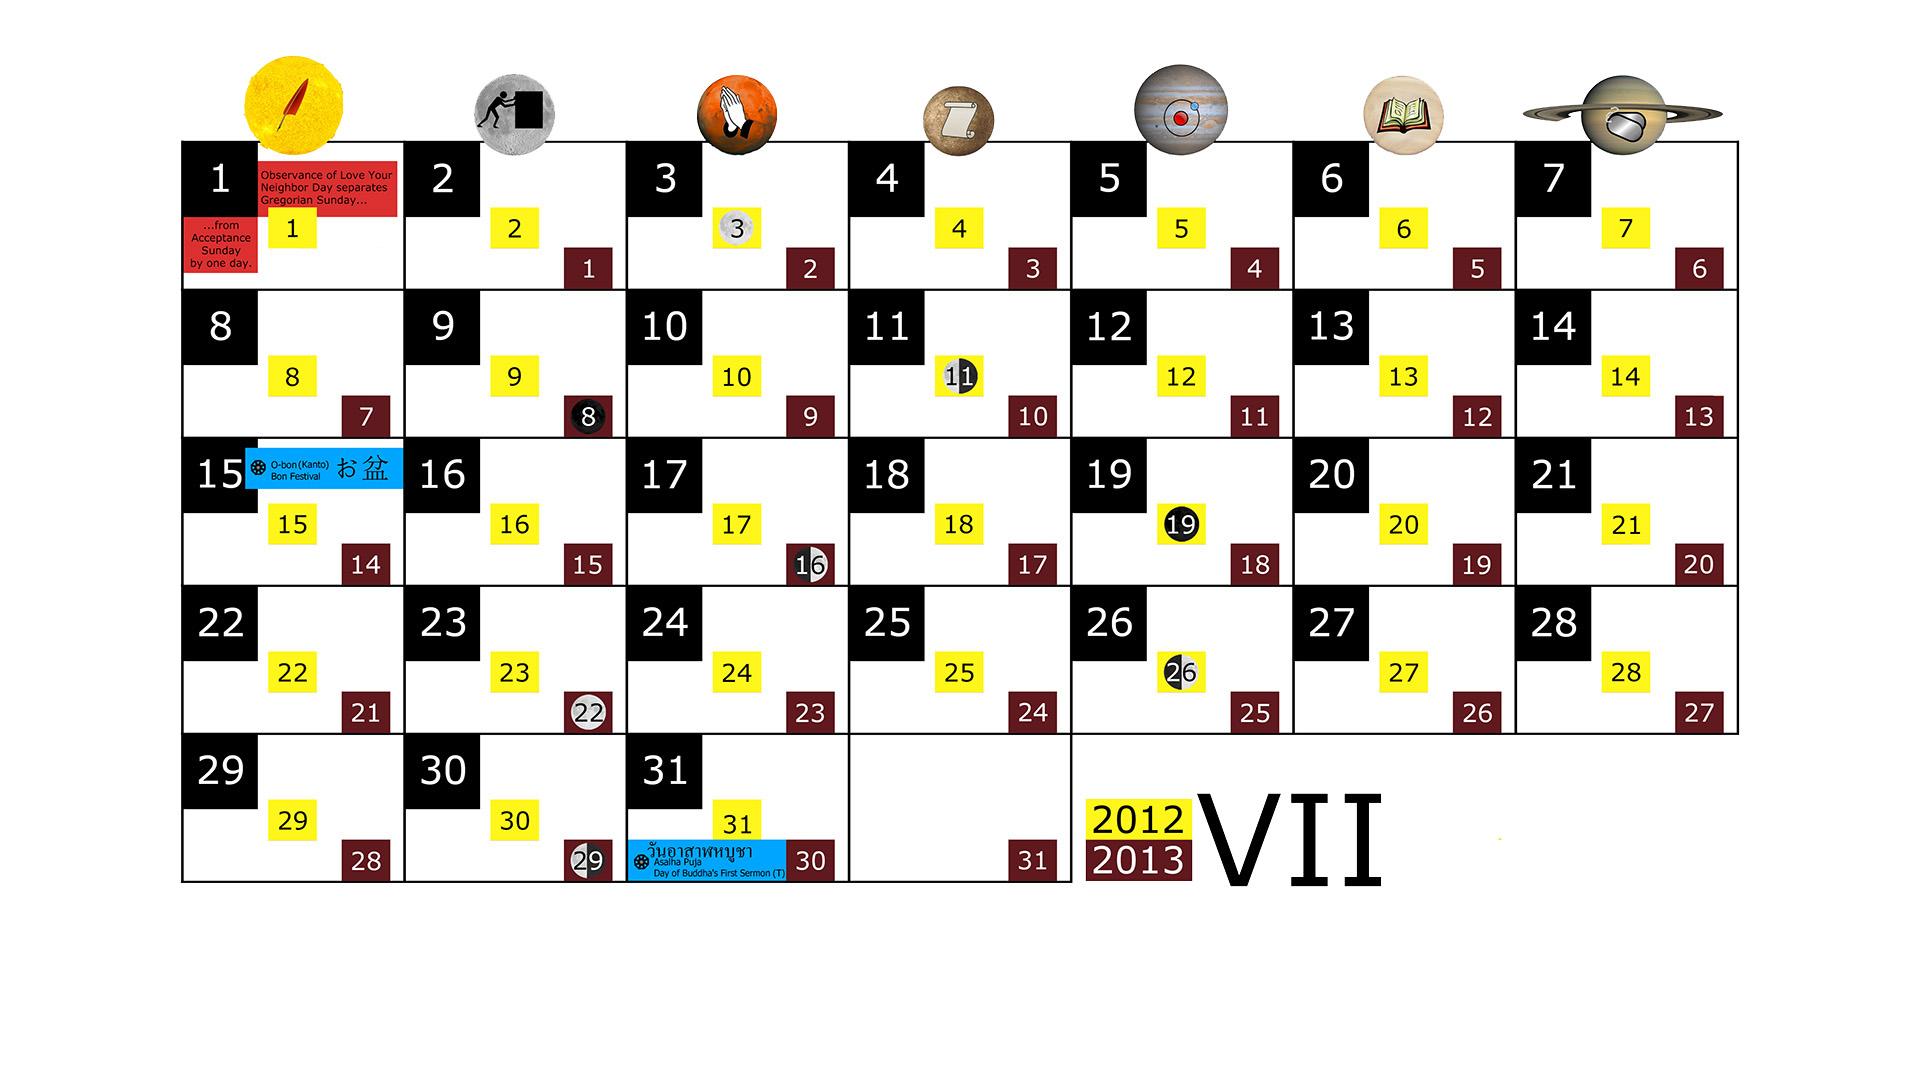 Miesięczny kalendarz świąt na lipiec 2012 and 2013 na białym tle